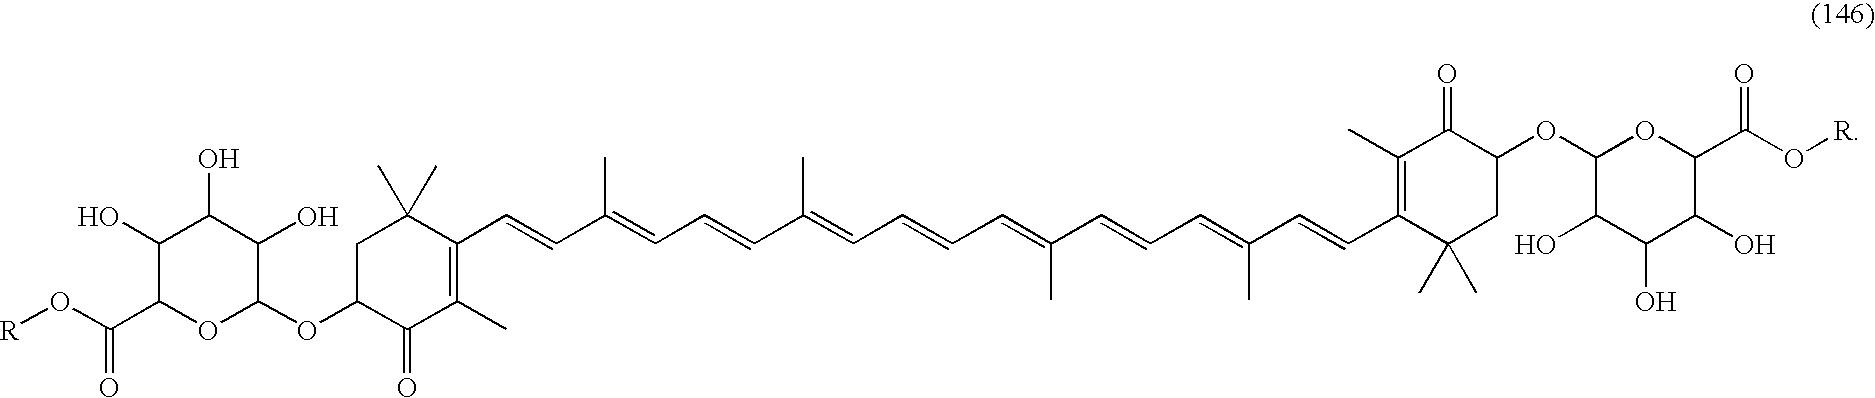 Figure US07691901-20100406-C00041